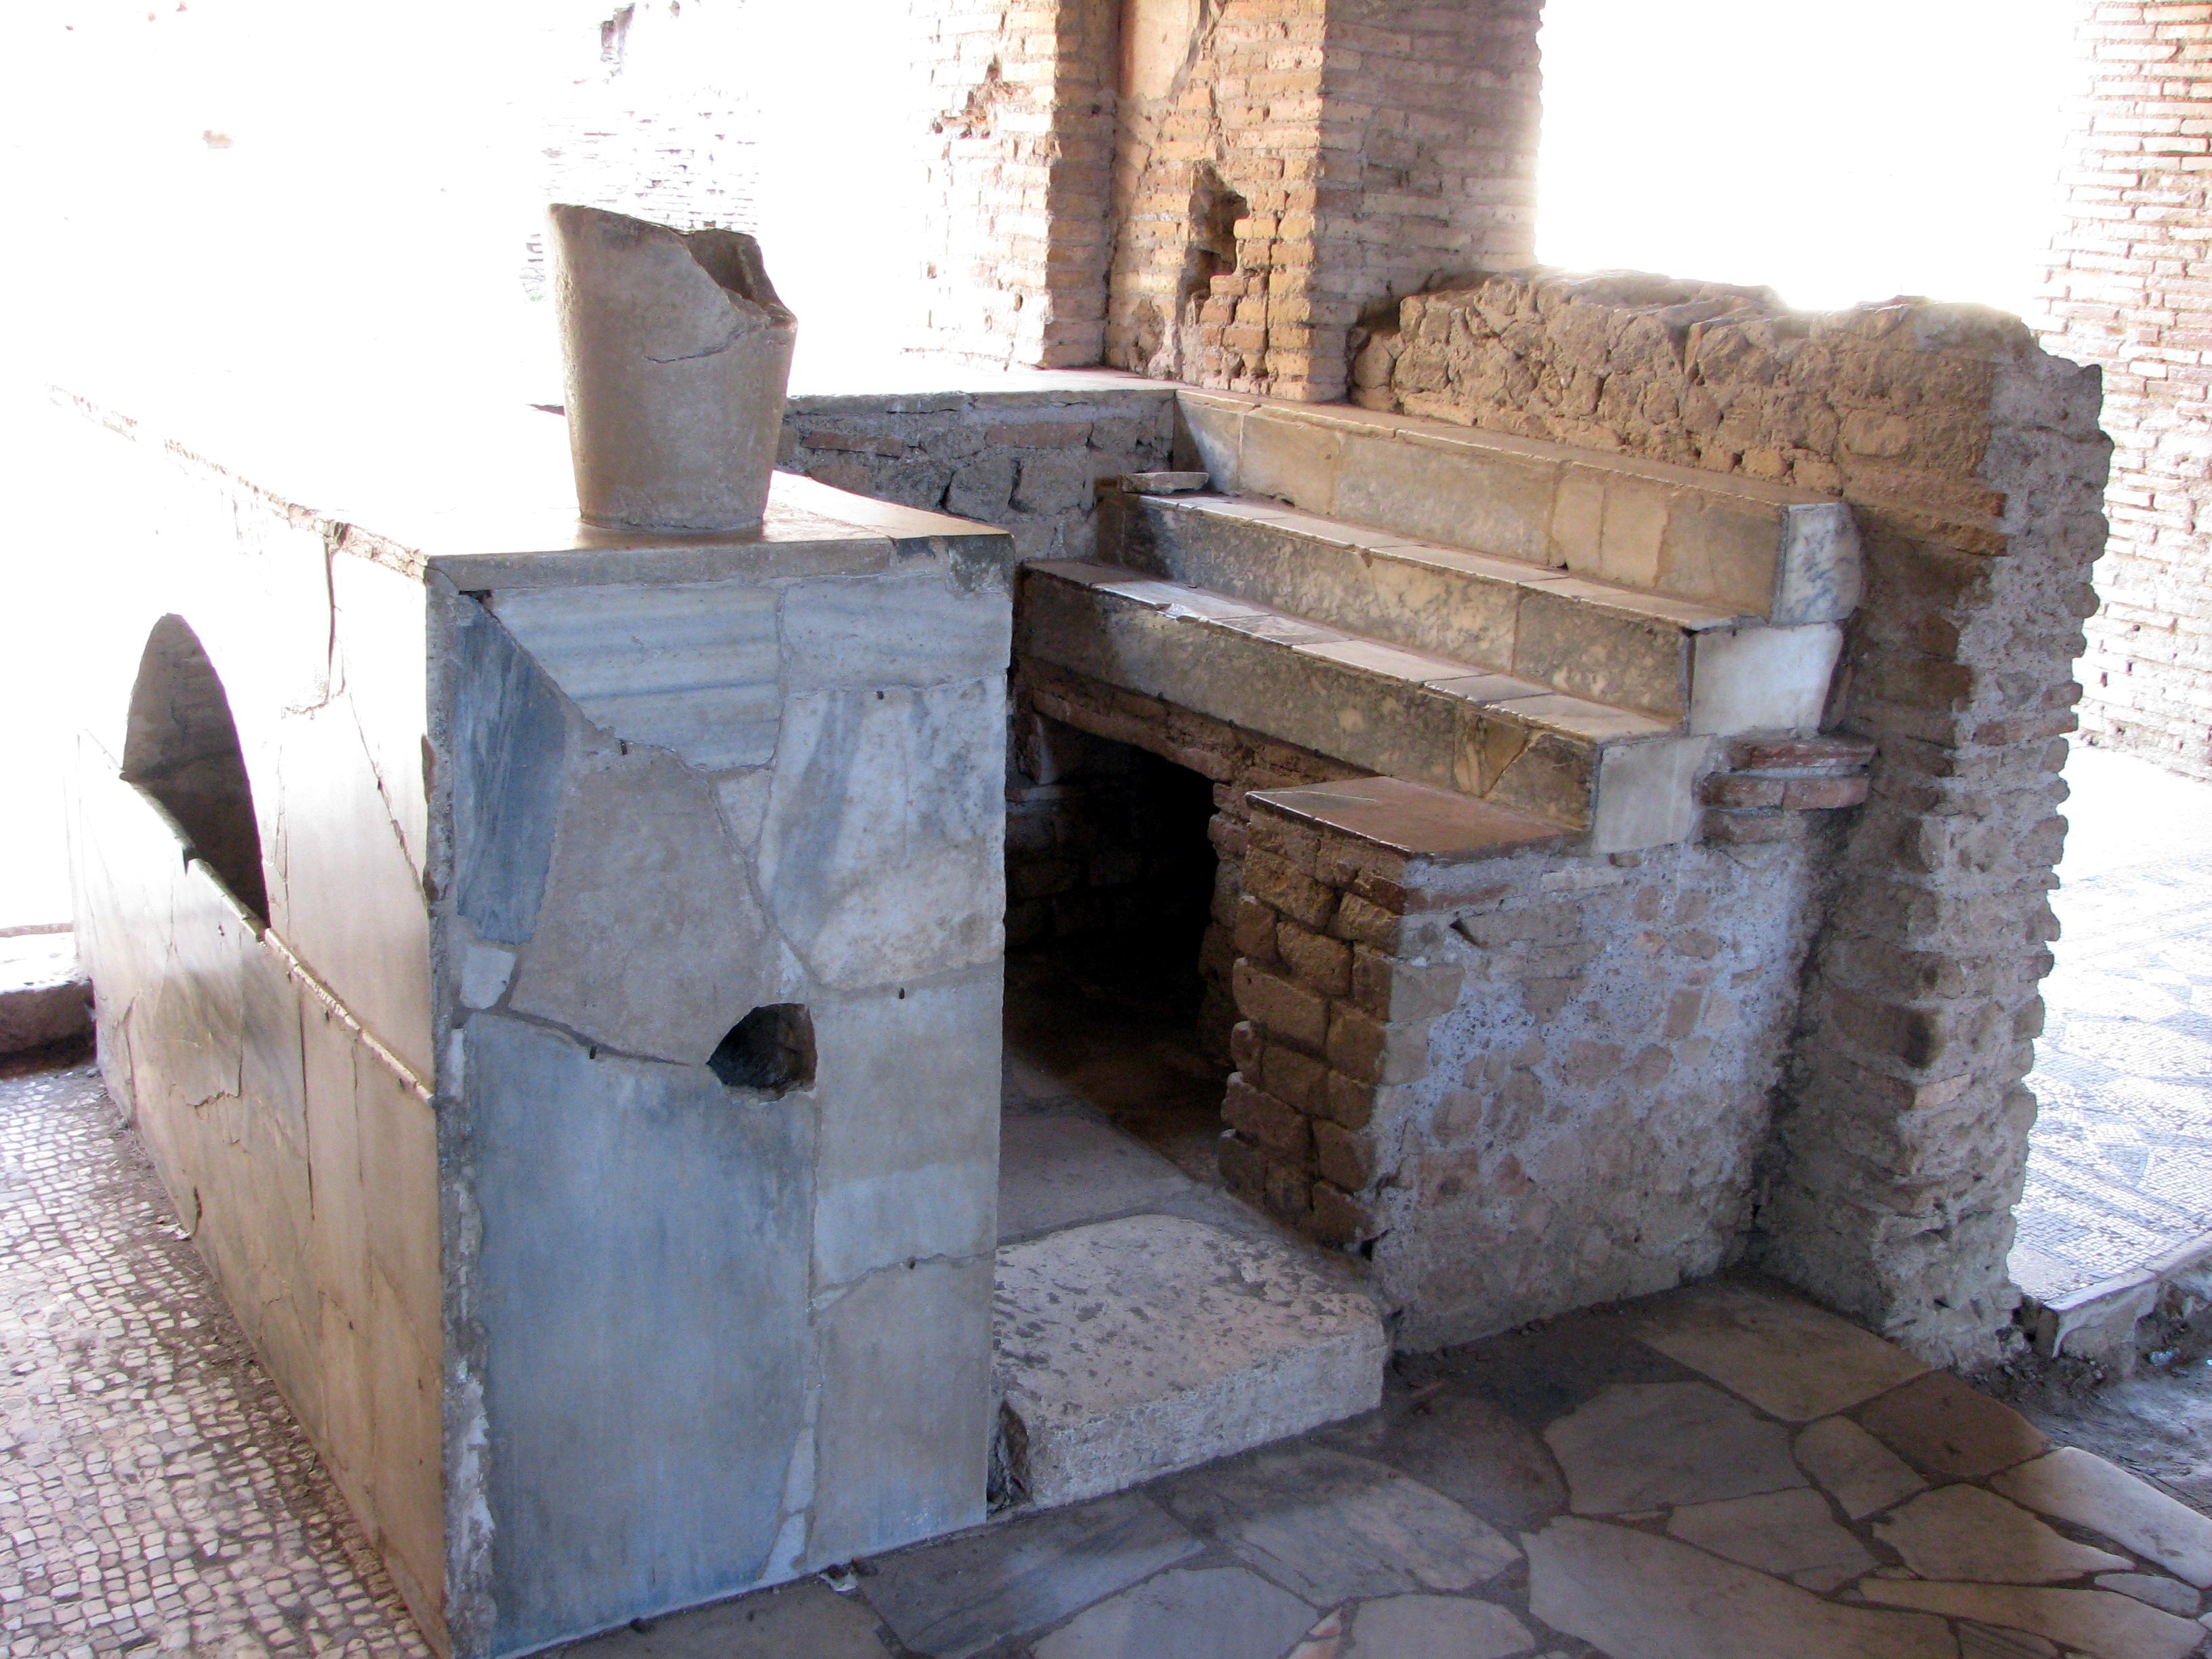 La taberna dell antica roma e la taverna del medioevo for Finestra antica aperta